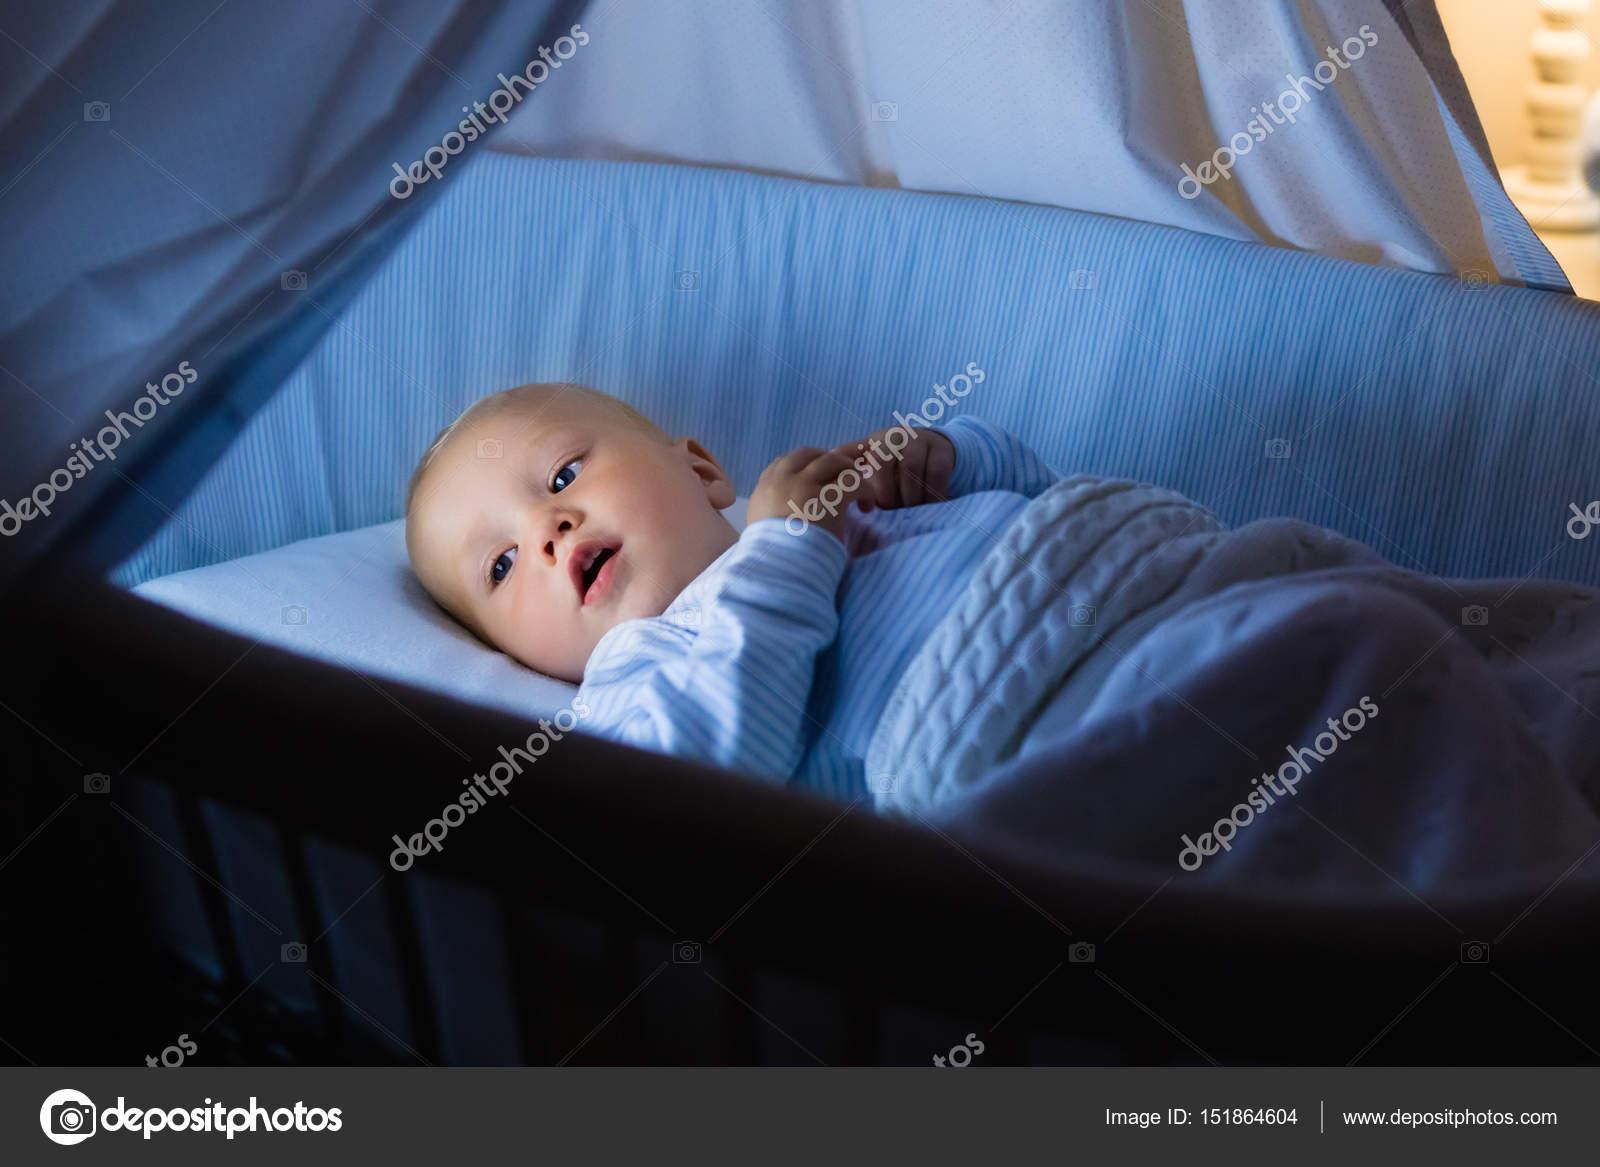 Baby boy konsummilch im bett u2014 stockfoto © famveldman #151864604